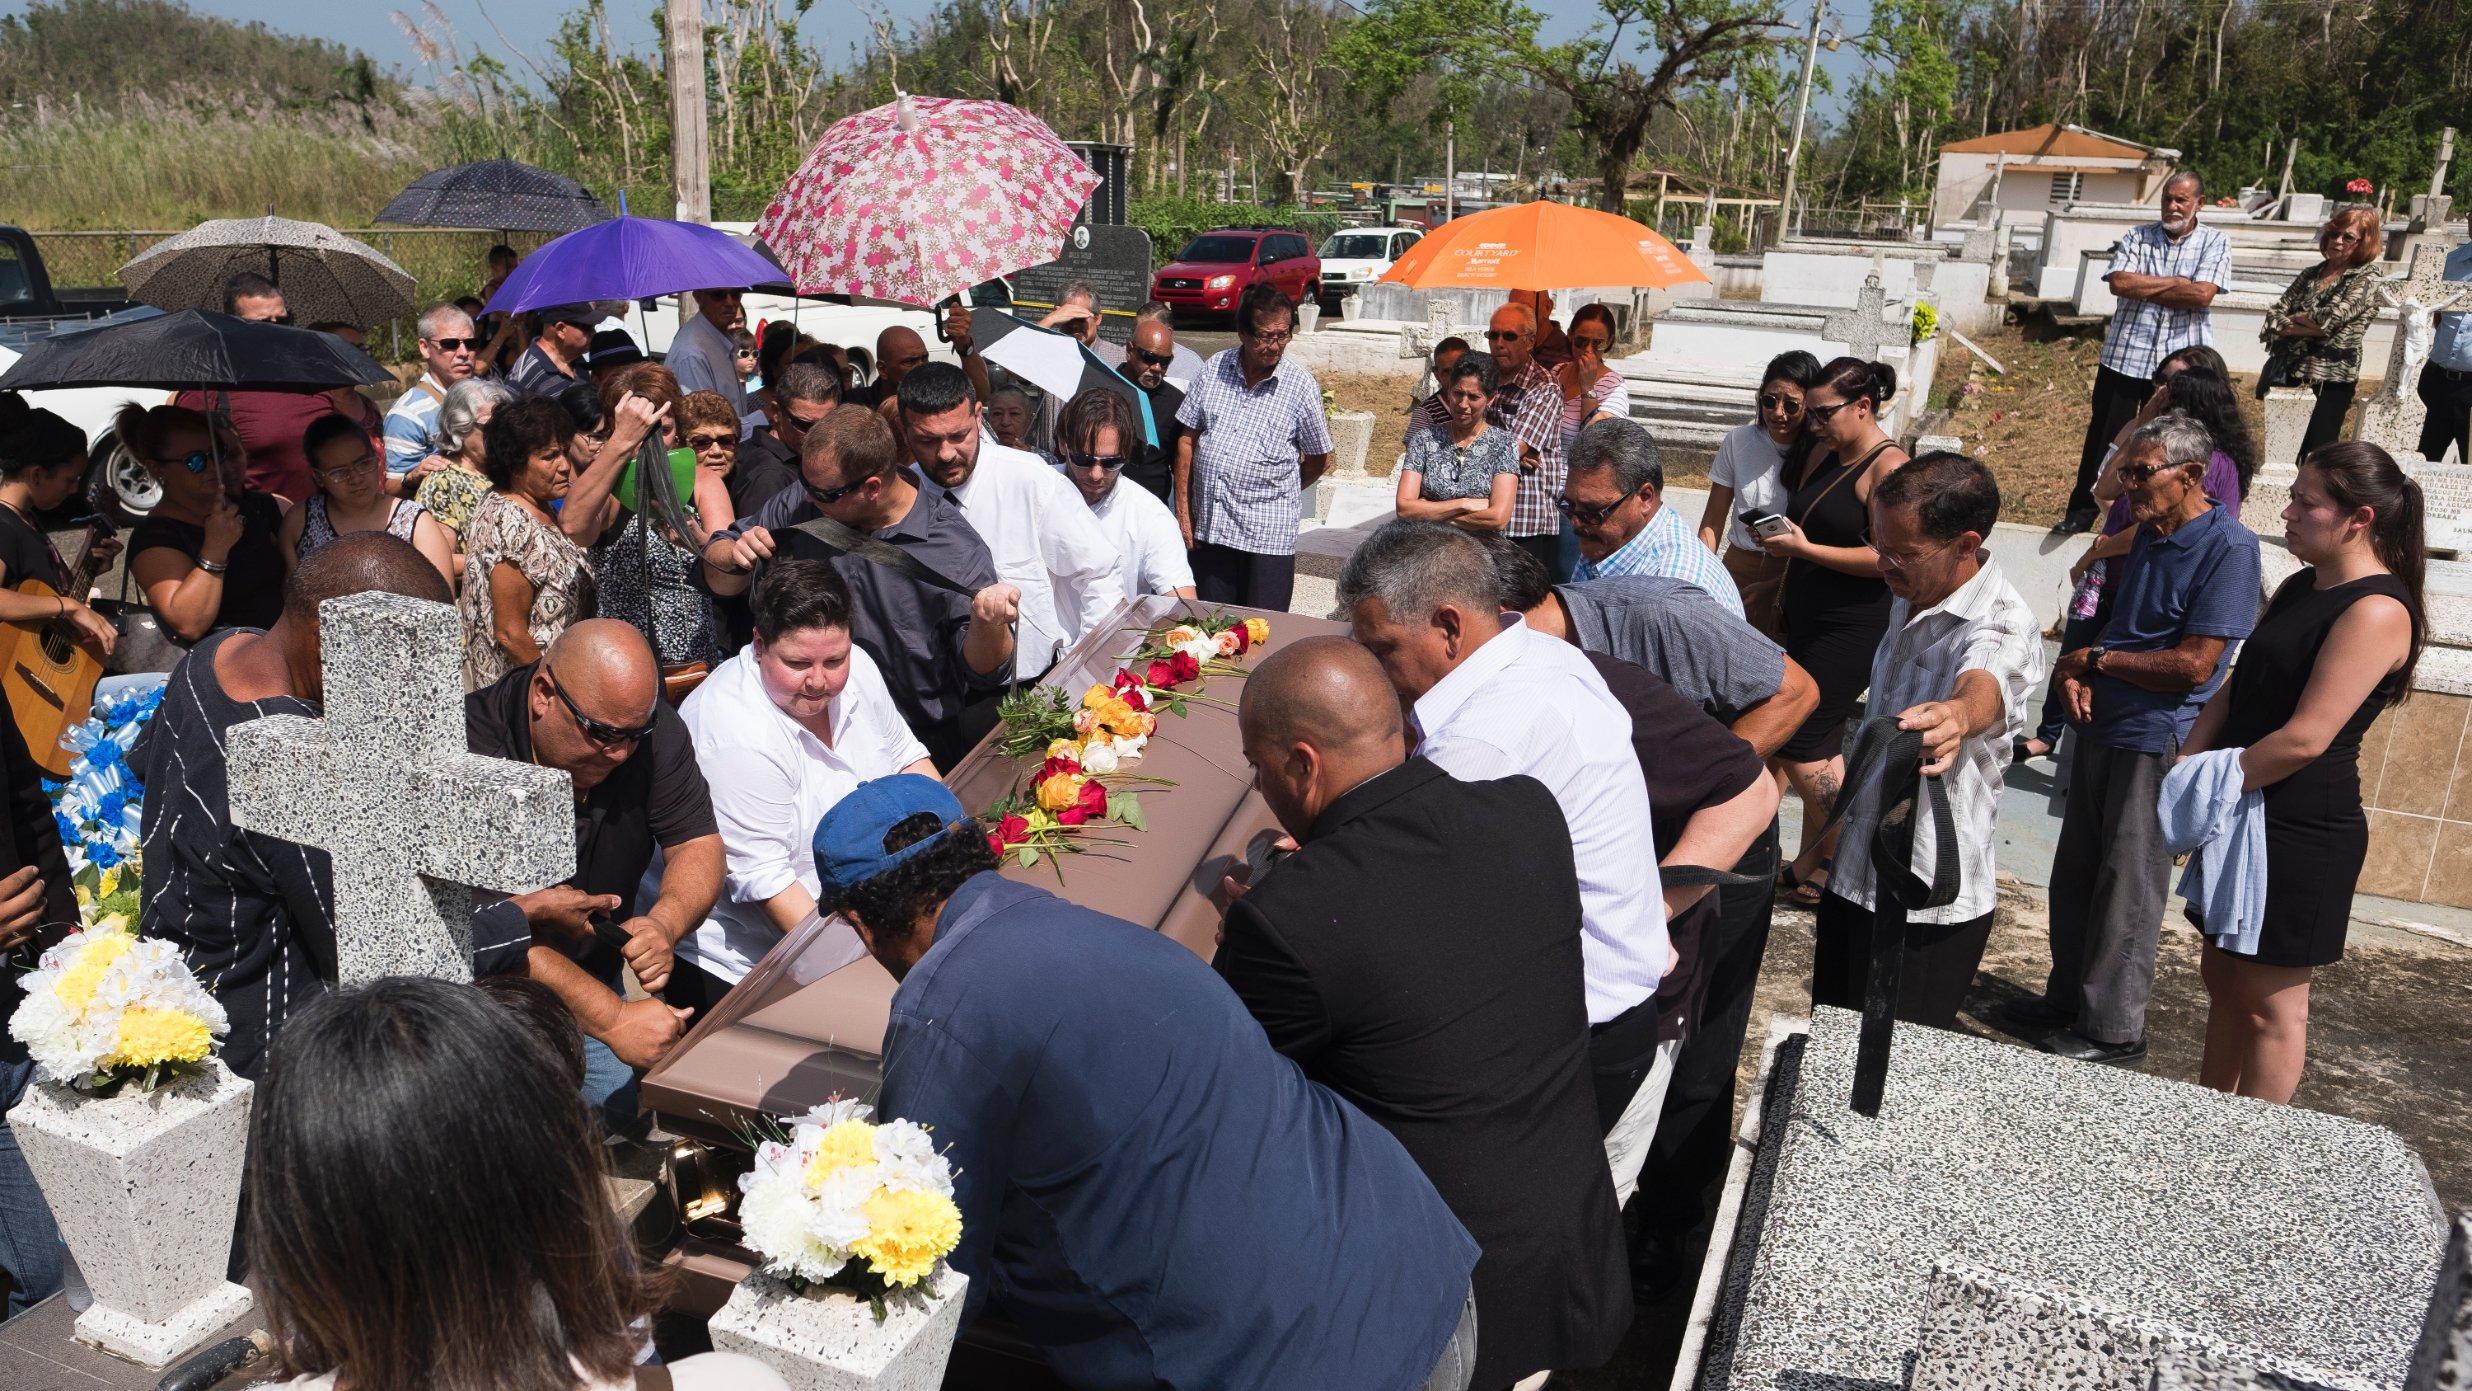 La tumba de Rivera todavía no lleva su nombre. Sus familiares dicen que se lo pondrán más adelante.